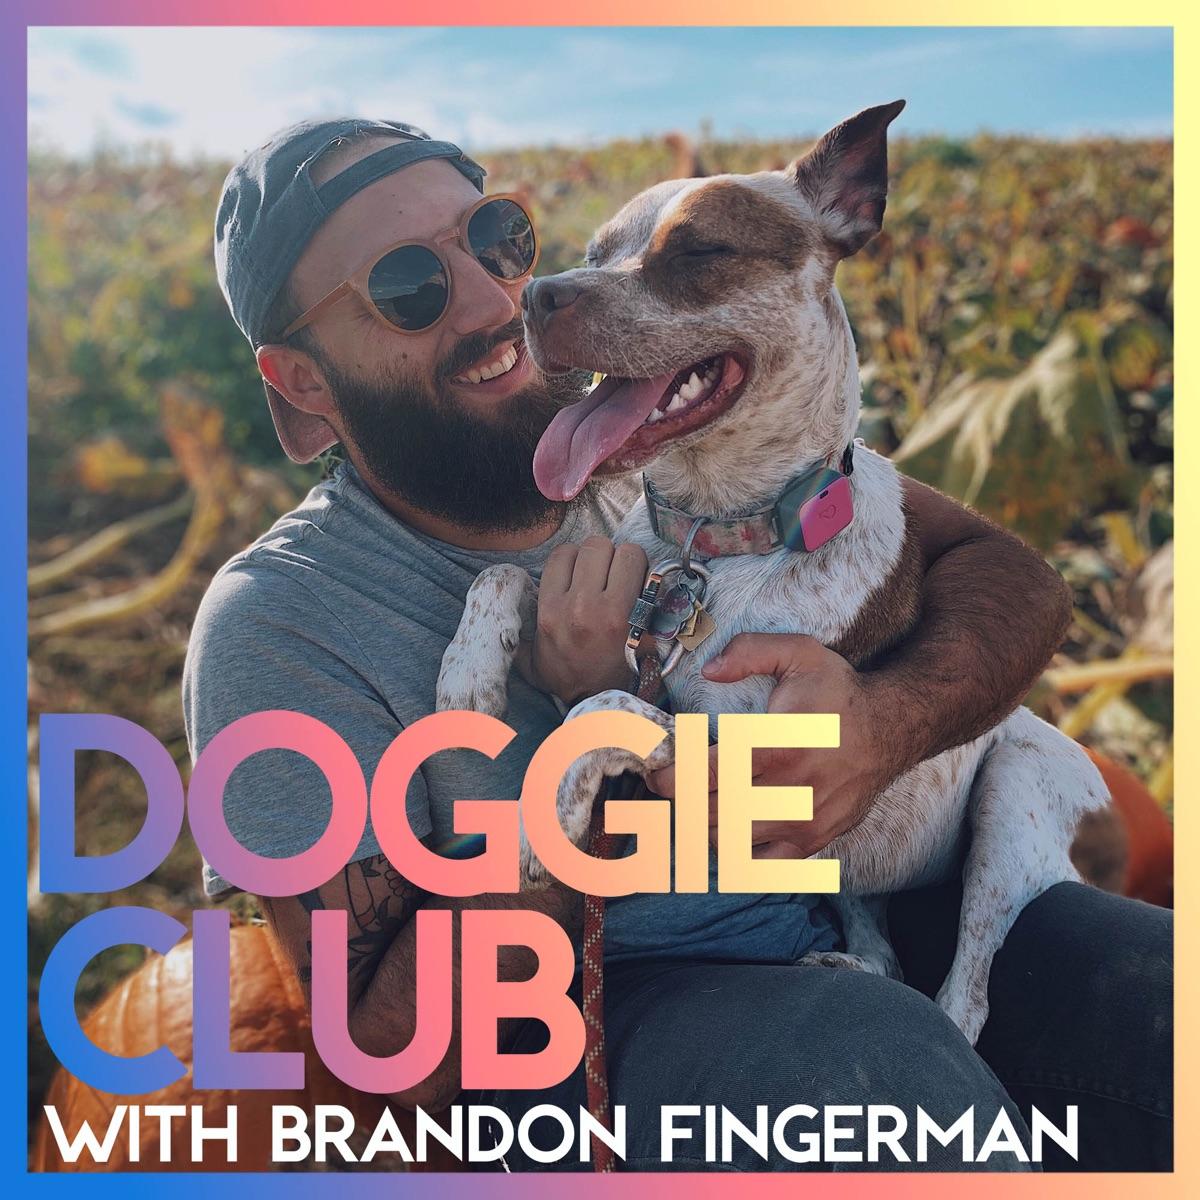 Doggie Club